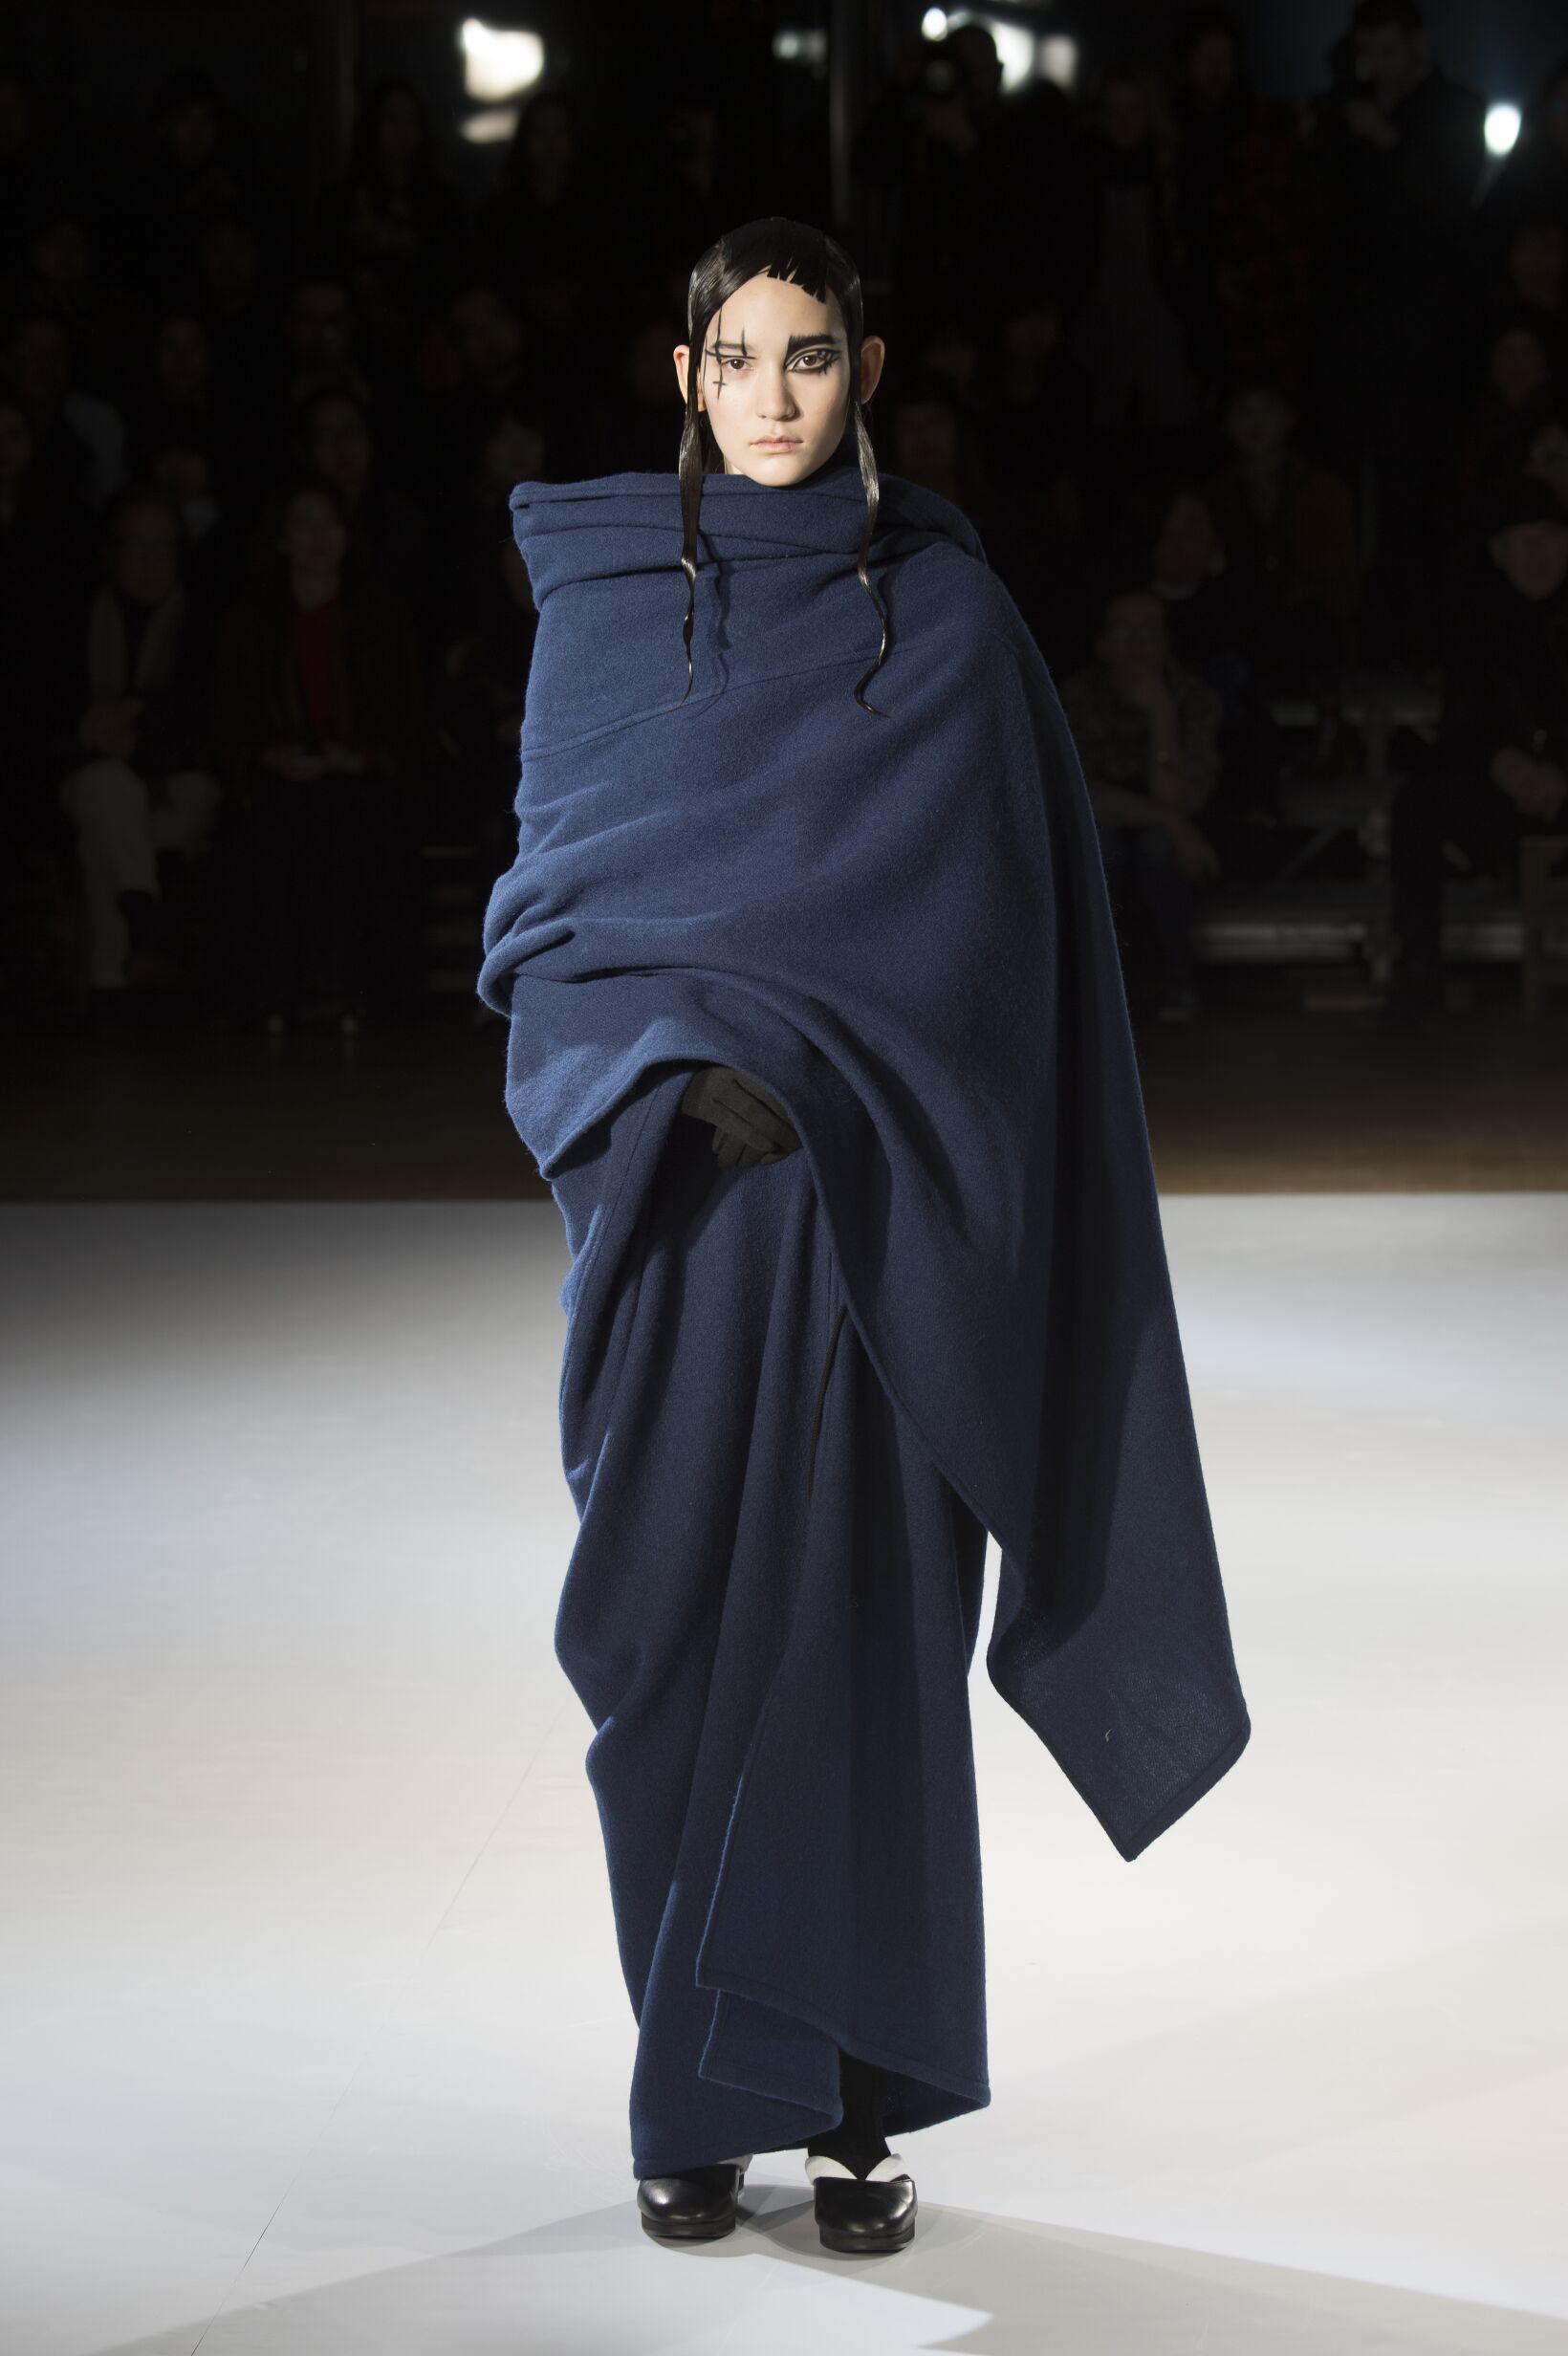 Yohji Yamamoto Collection Winter 2015 Catwalk